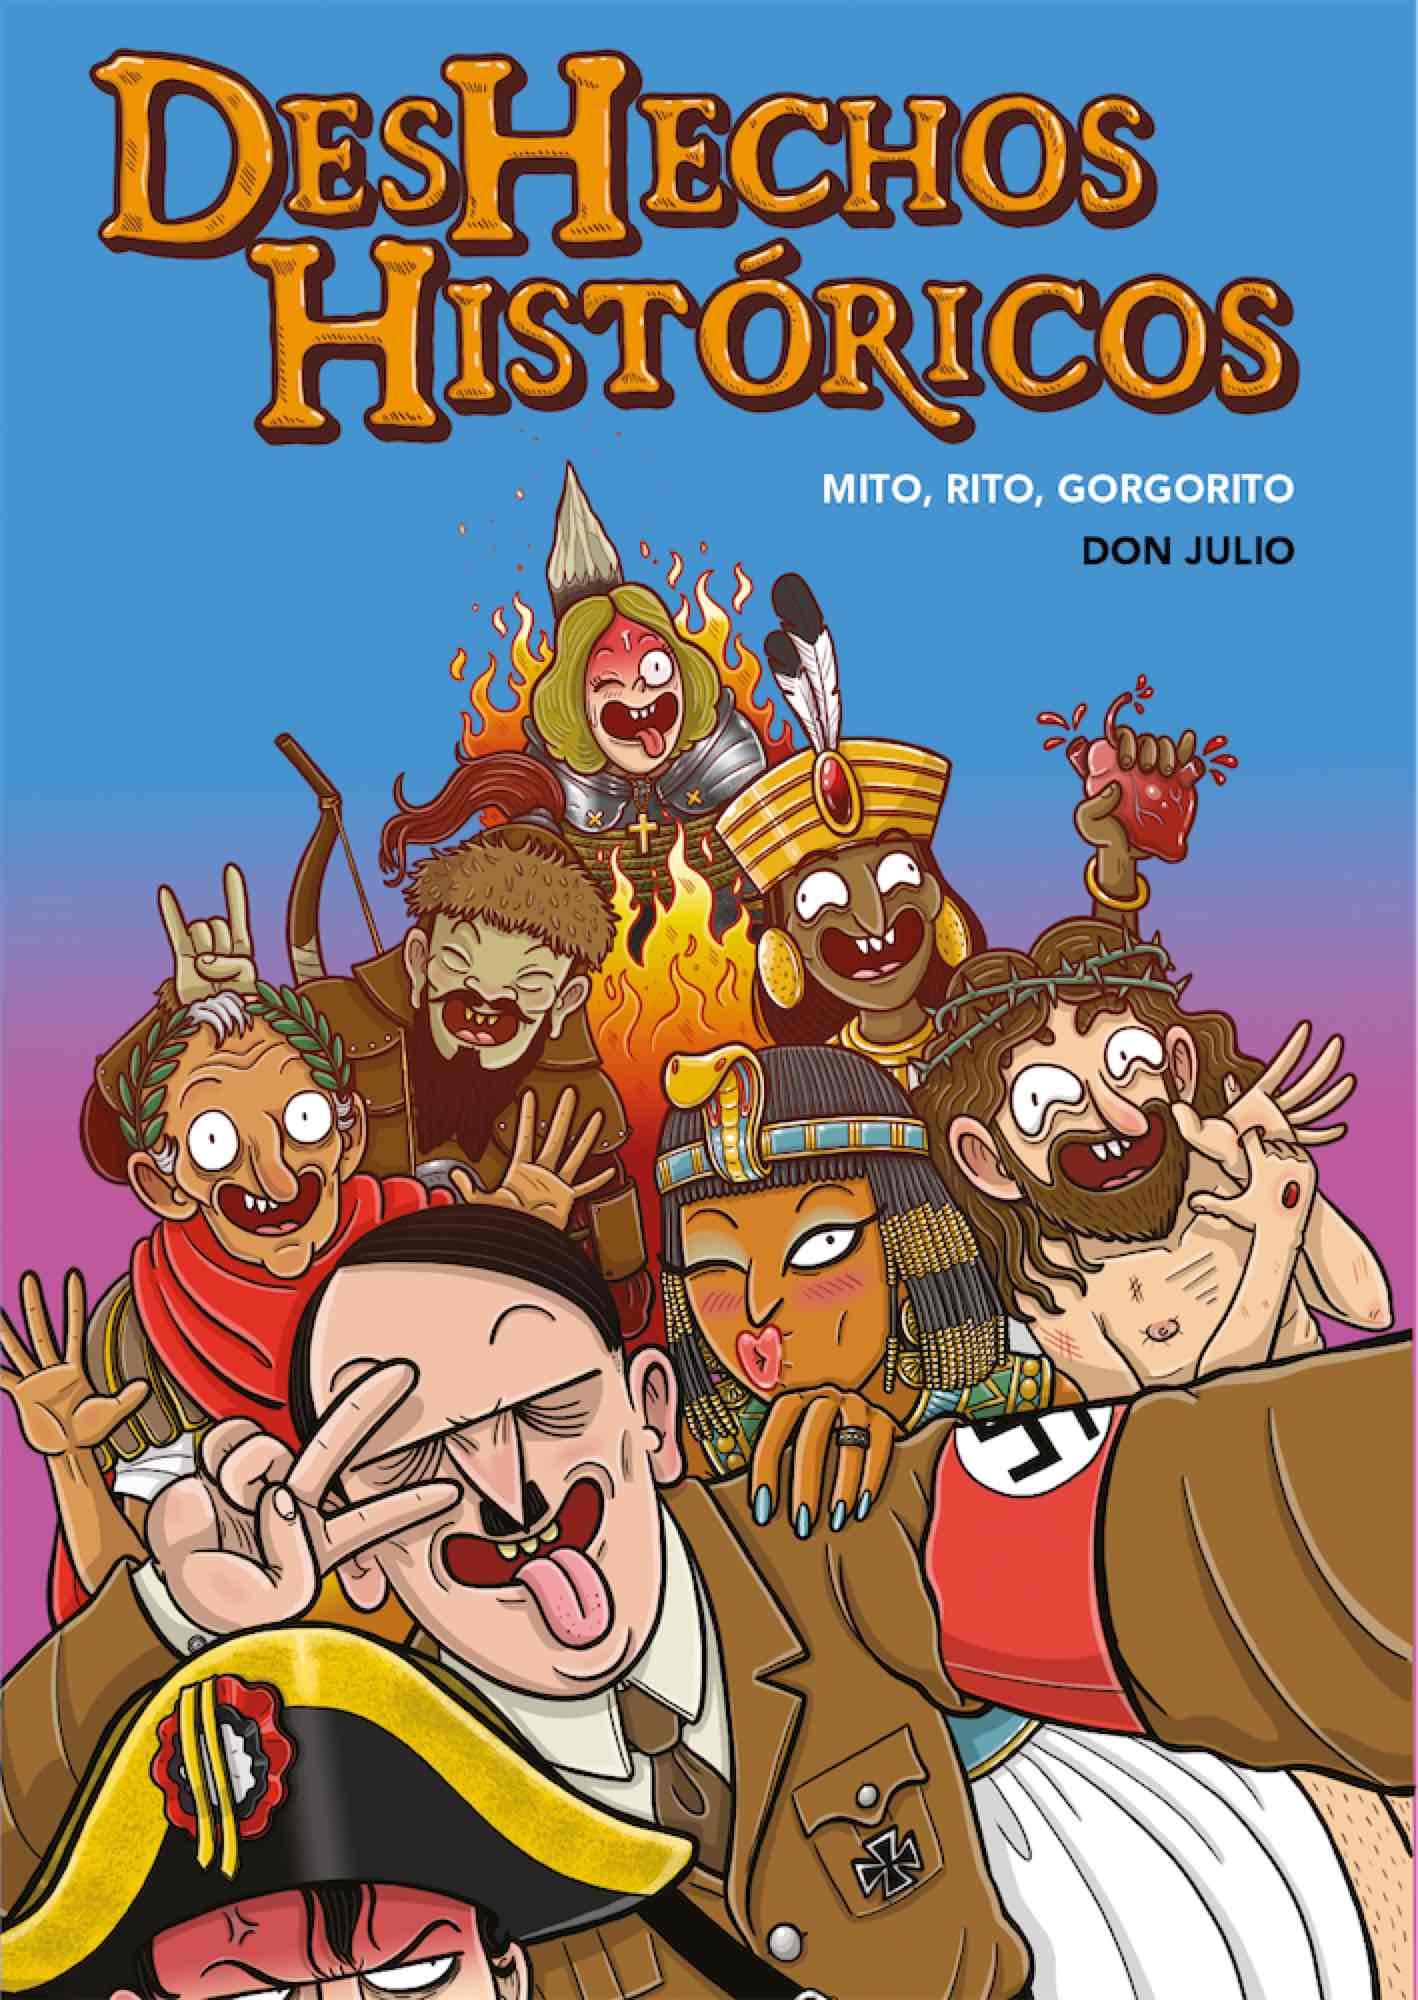 DESHECHOS HISTORICOS